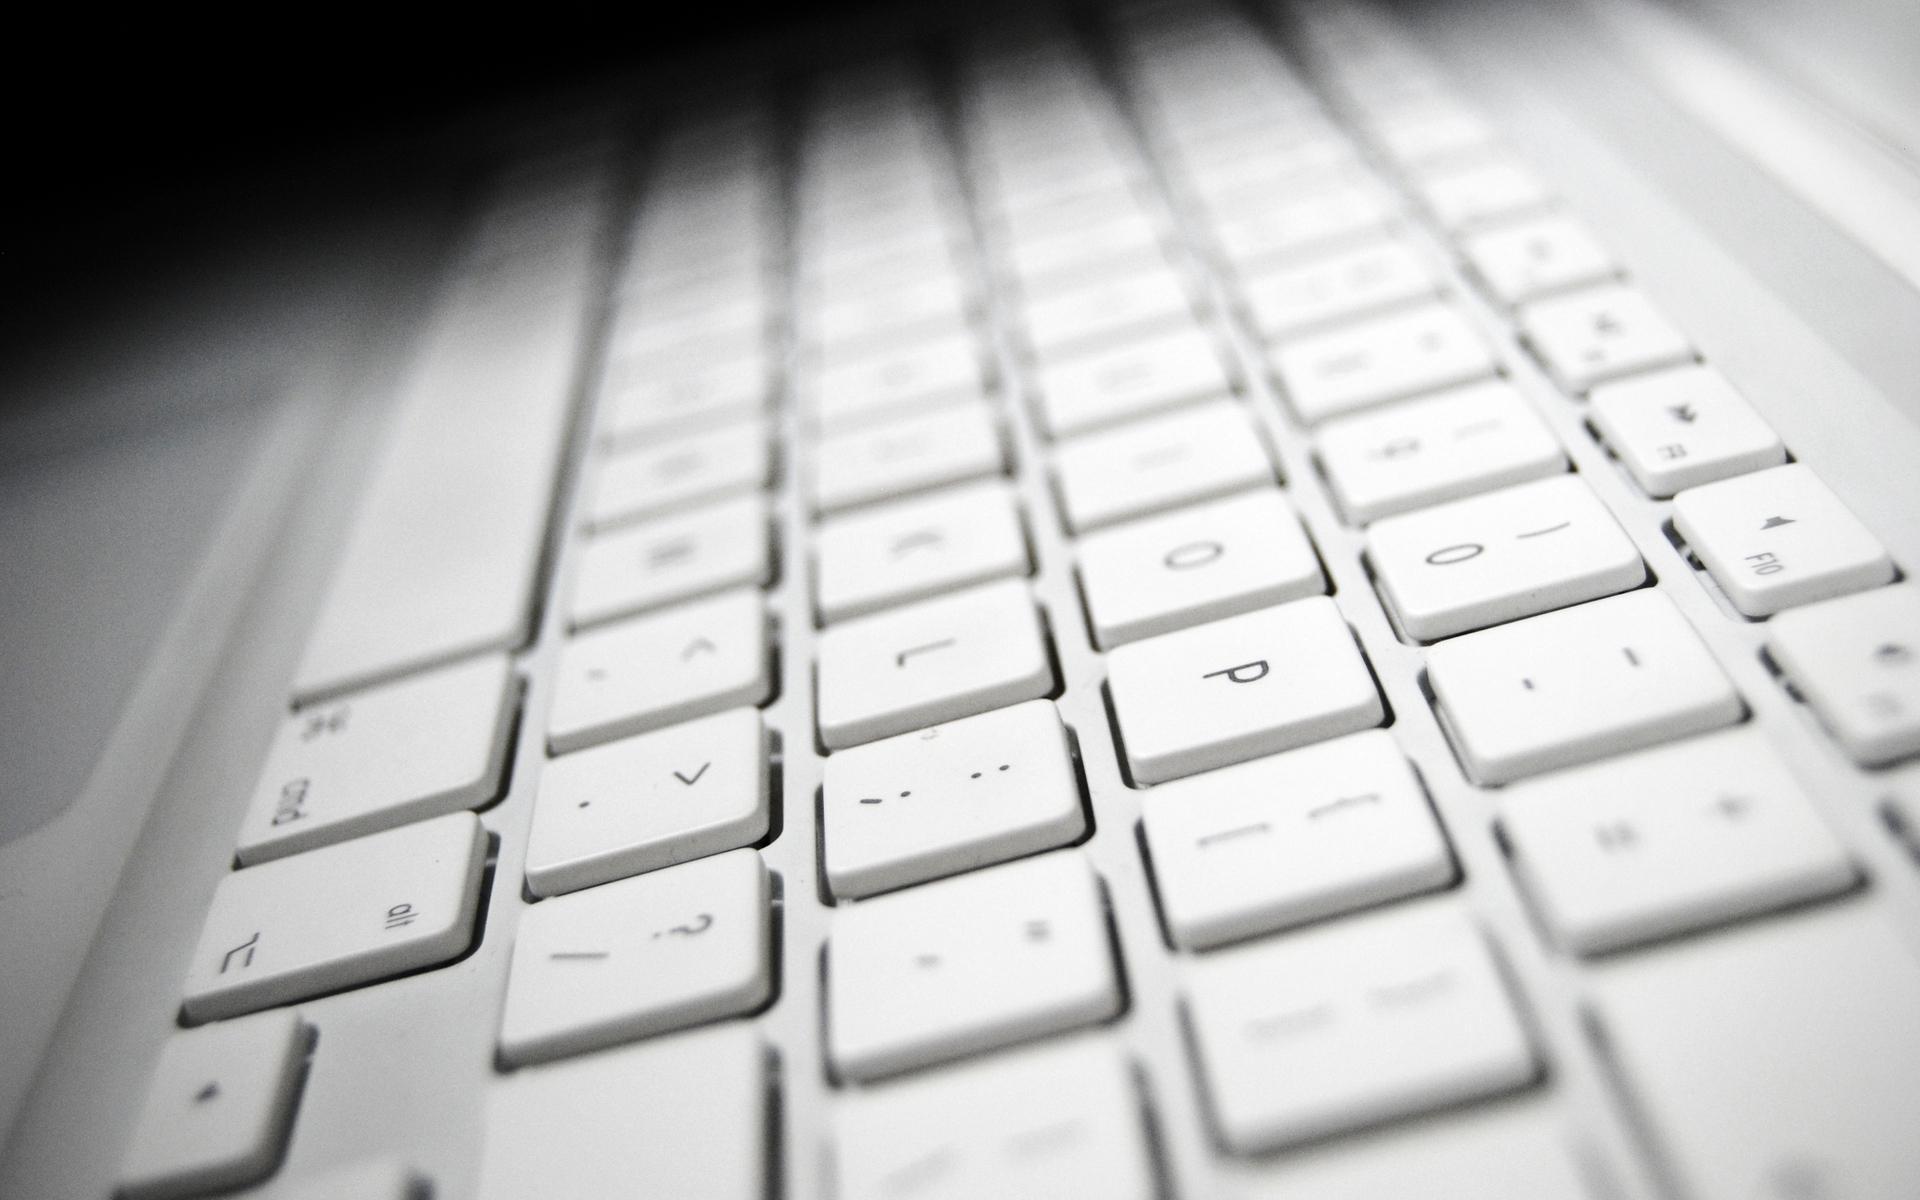 Причины, по которым не работает половина клавиатуры на ноутбуке